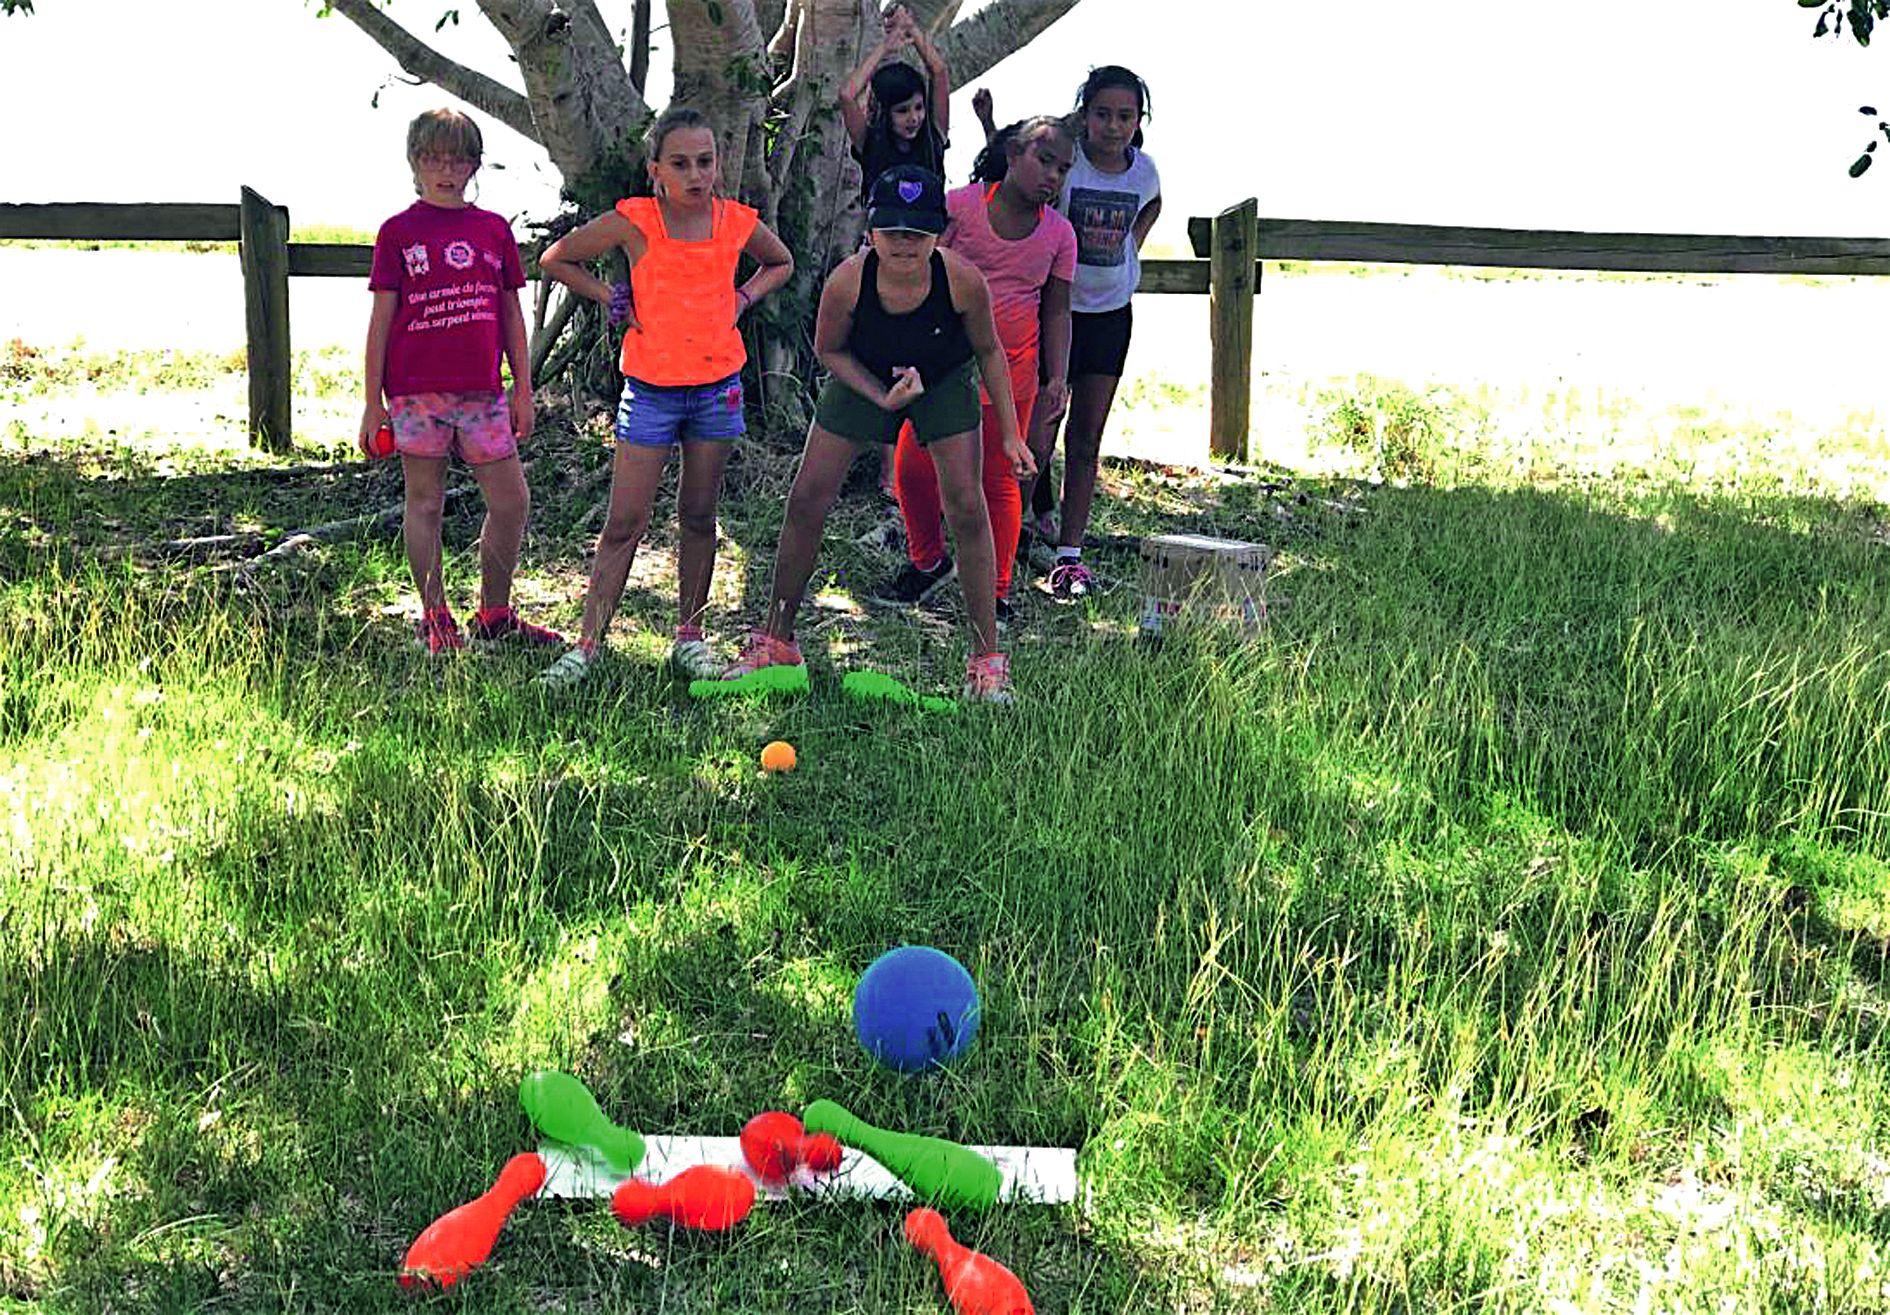 Le bowling était une des disciplines que ne connaissaient pas  la plupart des enfants. Ils devaient réaliser le maximum de strikes.